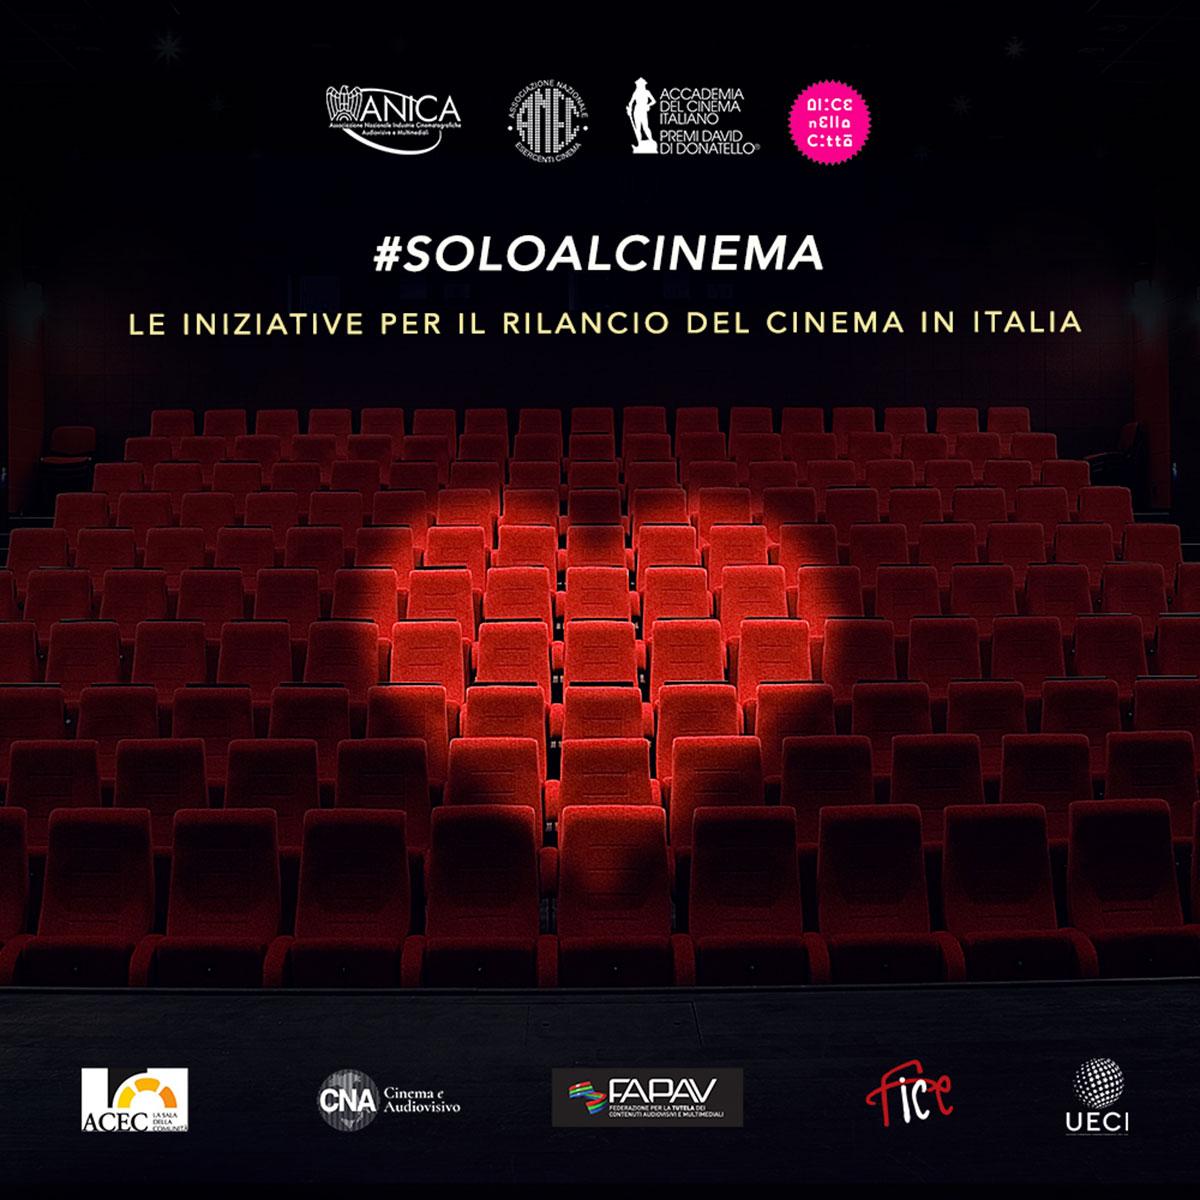 #soloalcinema Solo al Cinema il rilancio del cinema in Italia